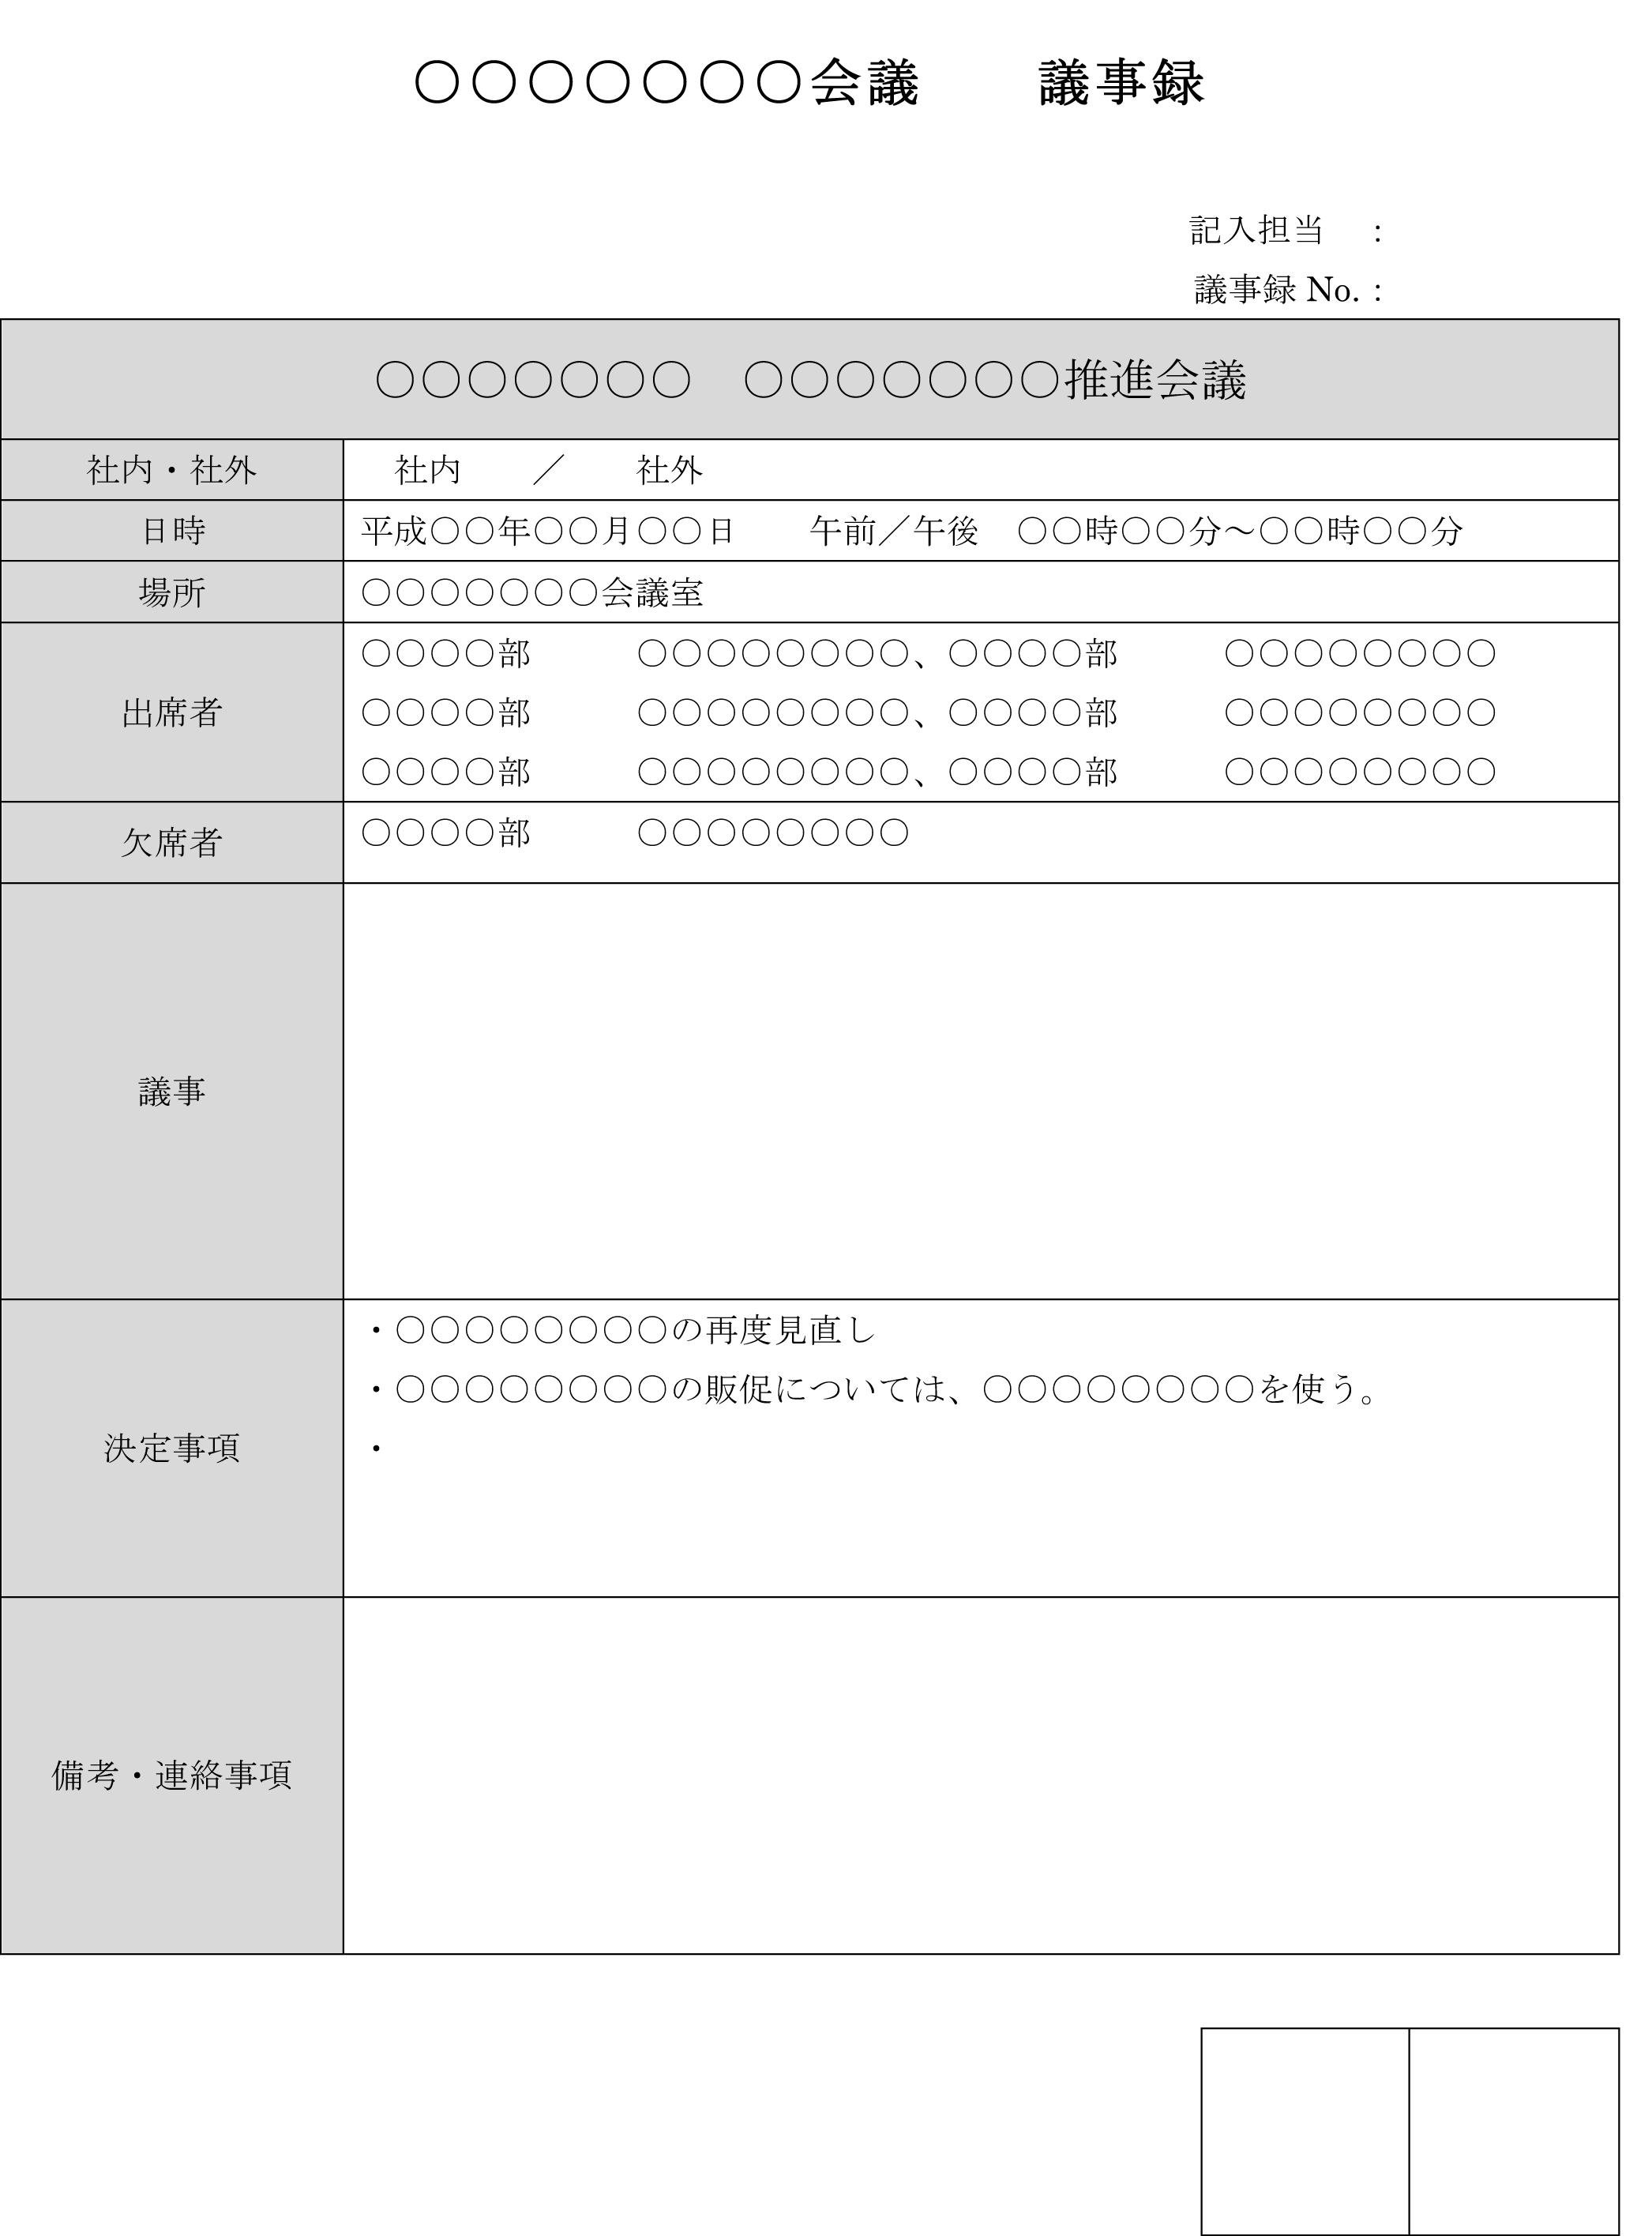 議事録(社内会議用)02